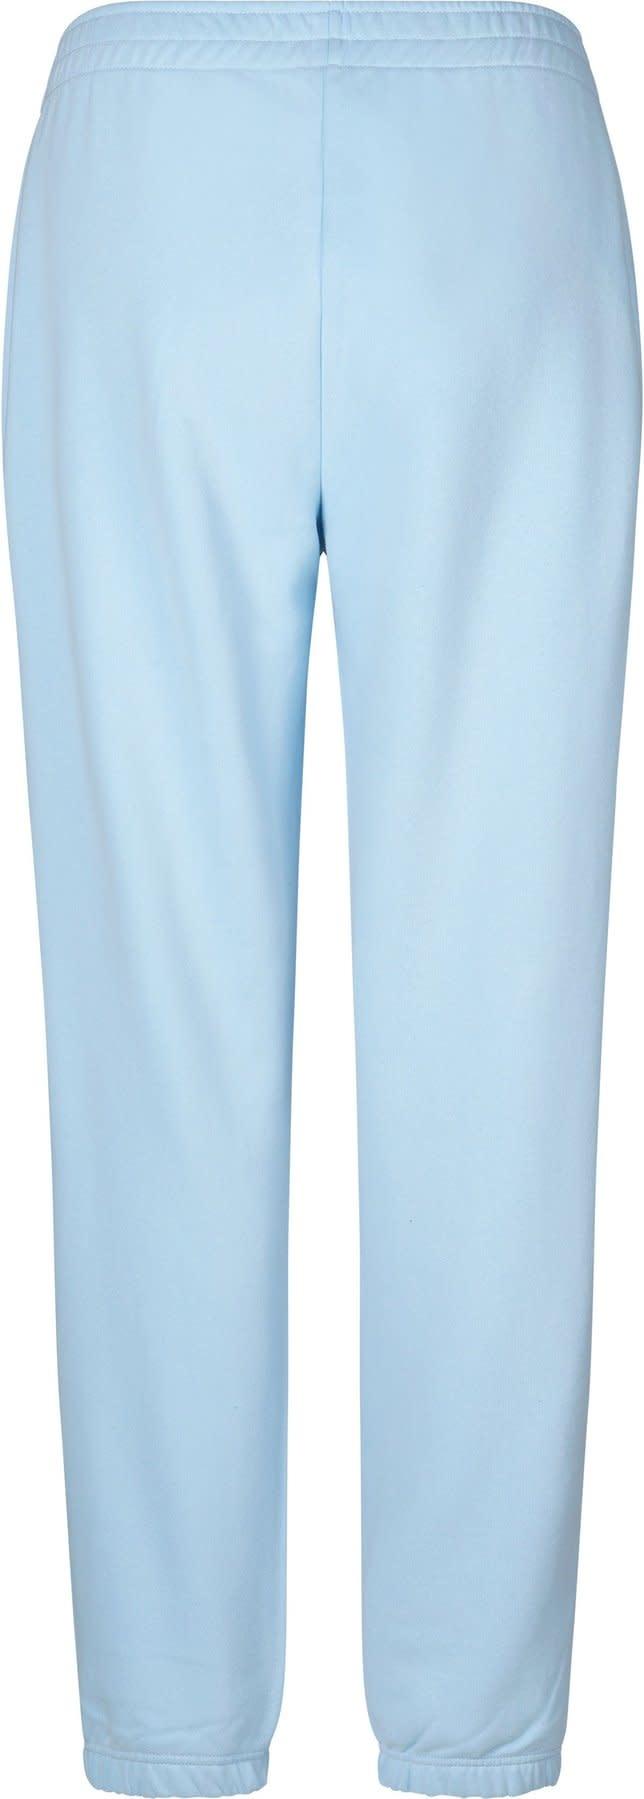 Miami Sweat Pants Pale Blue-1